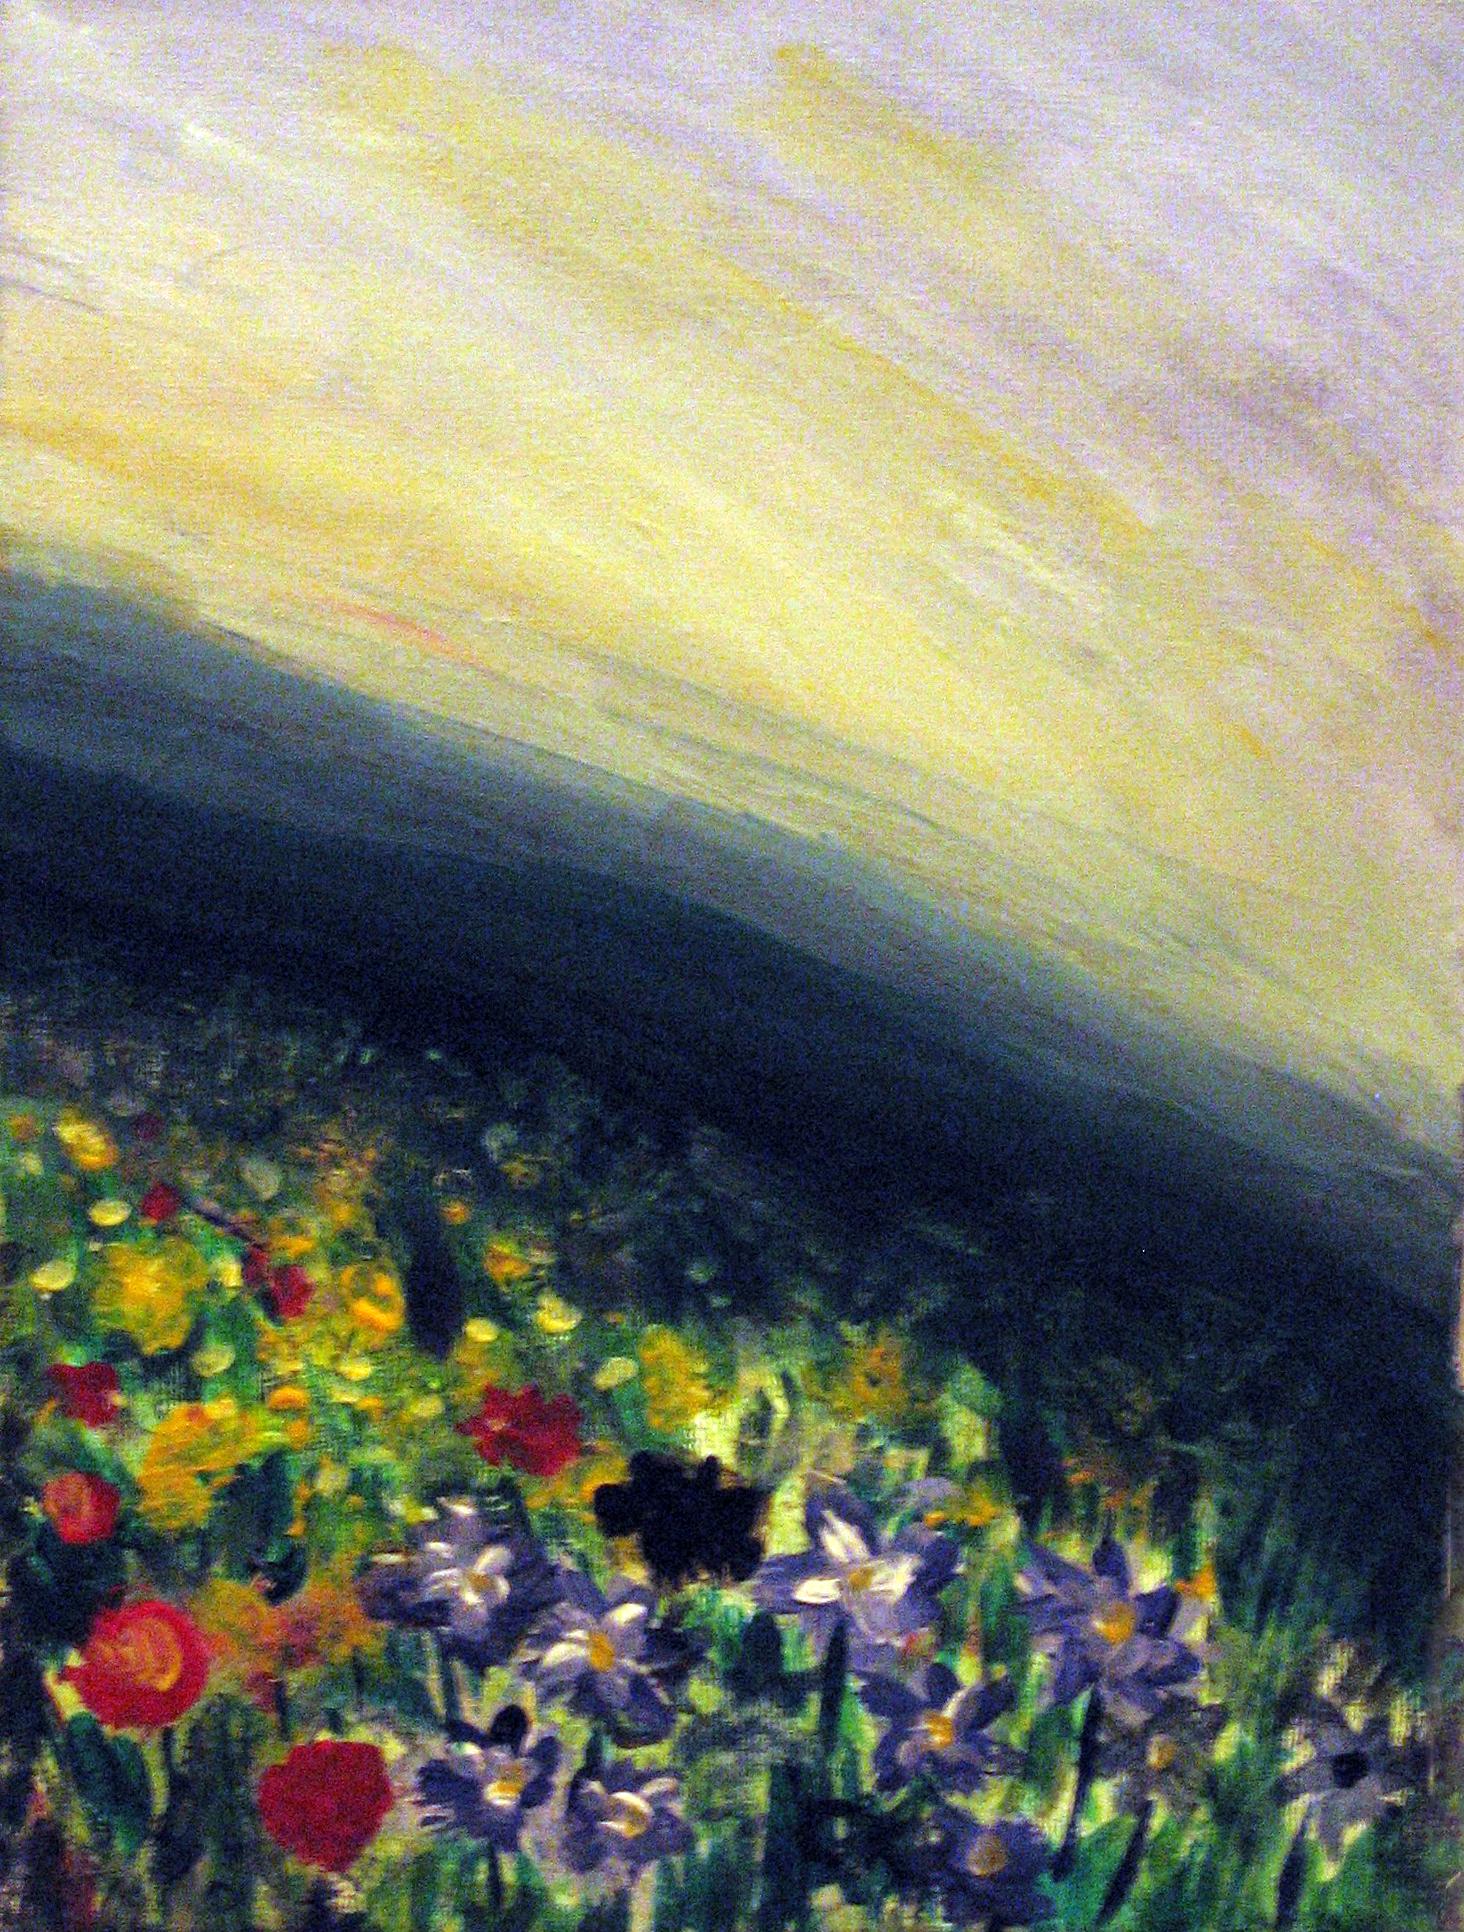 Dark Flower, Renteria